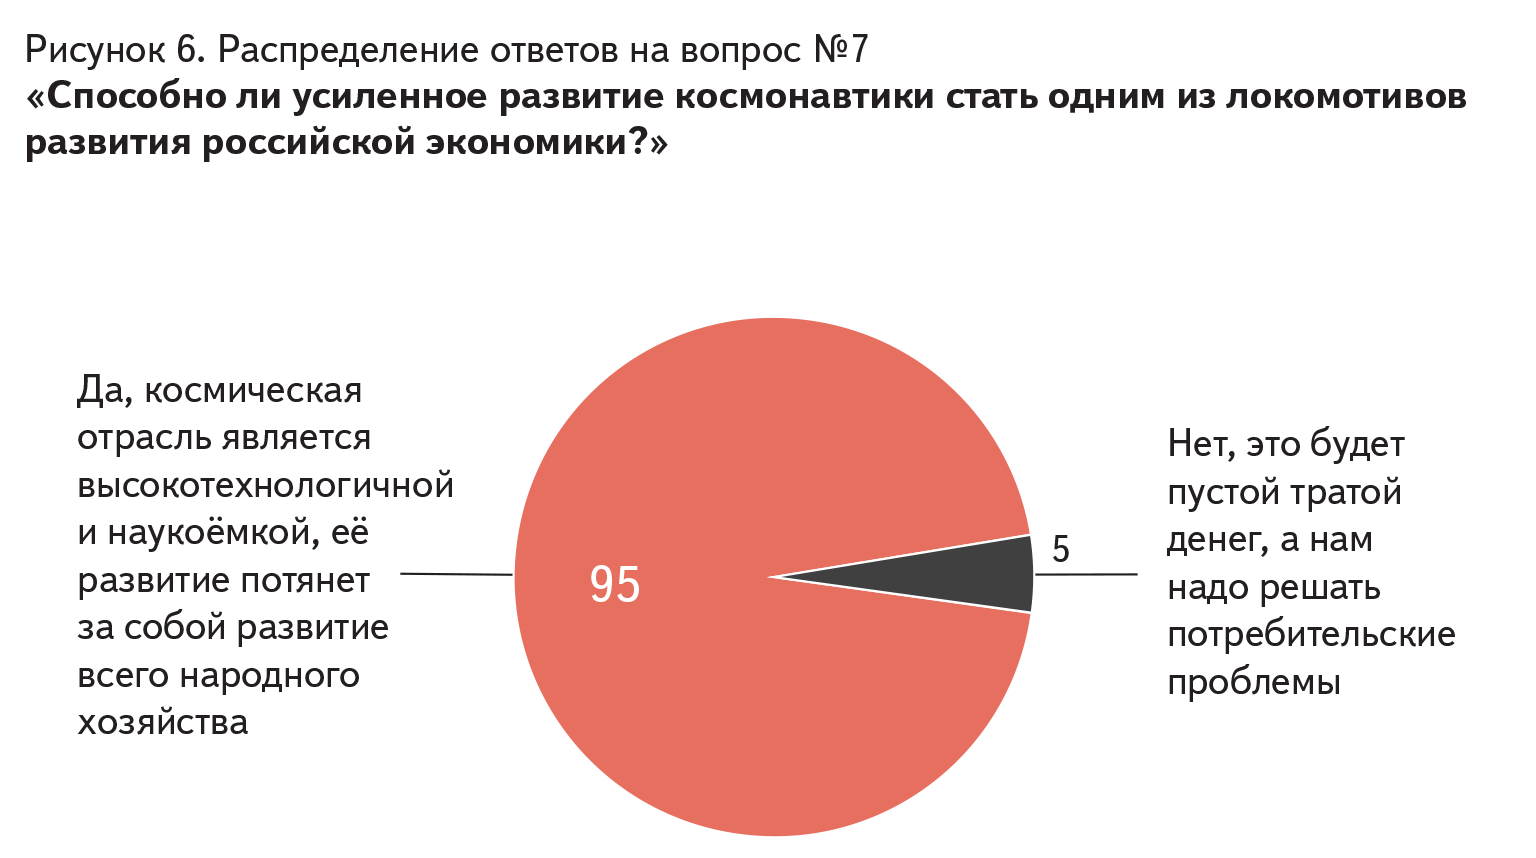 Распределение ответов на вопрос № 7 «Способно ли усиленное развитие космонавтики стать одним из локомотивов развития российской экономики?»